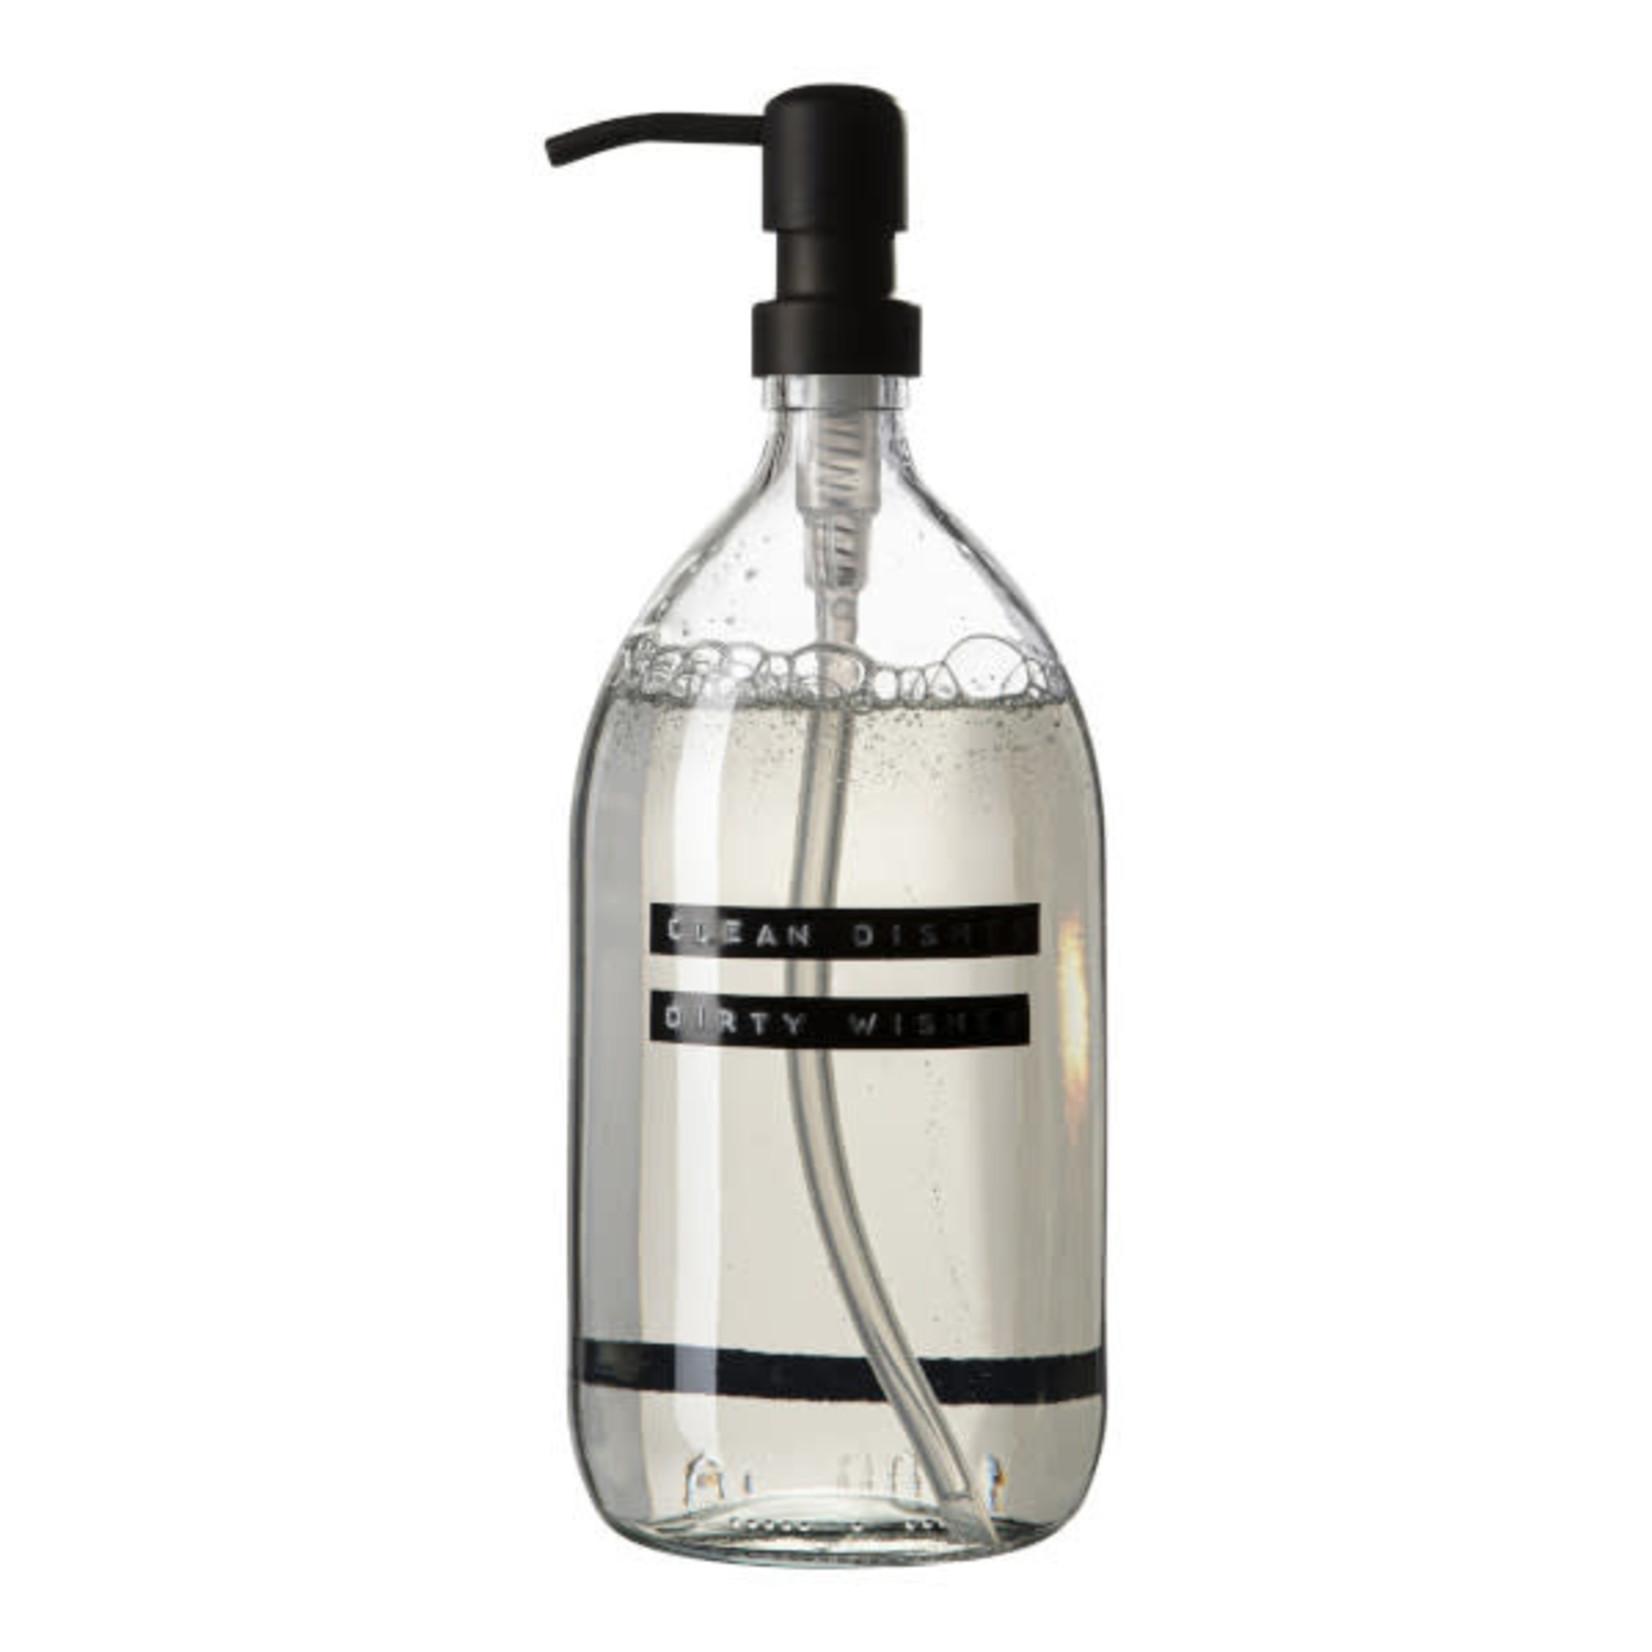 WELLmark WELLmark Afwasmiddel helder glas - zwart - 1L 'Clean dishes dirty wishes'